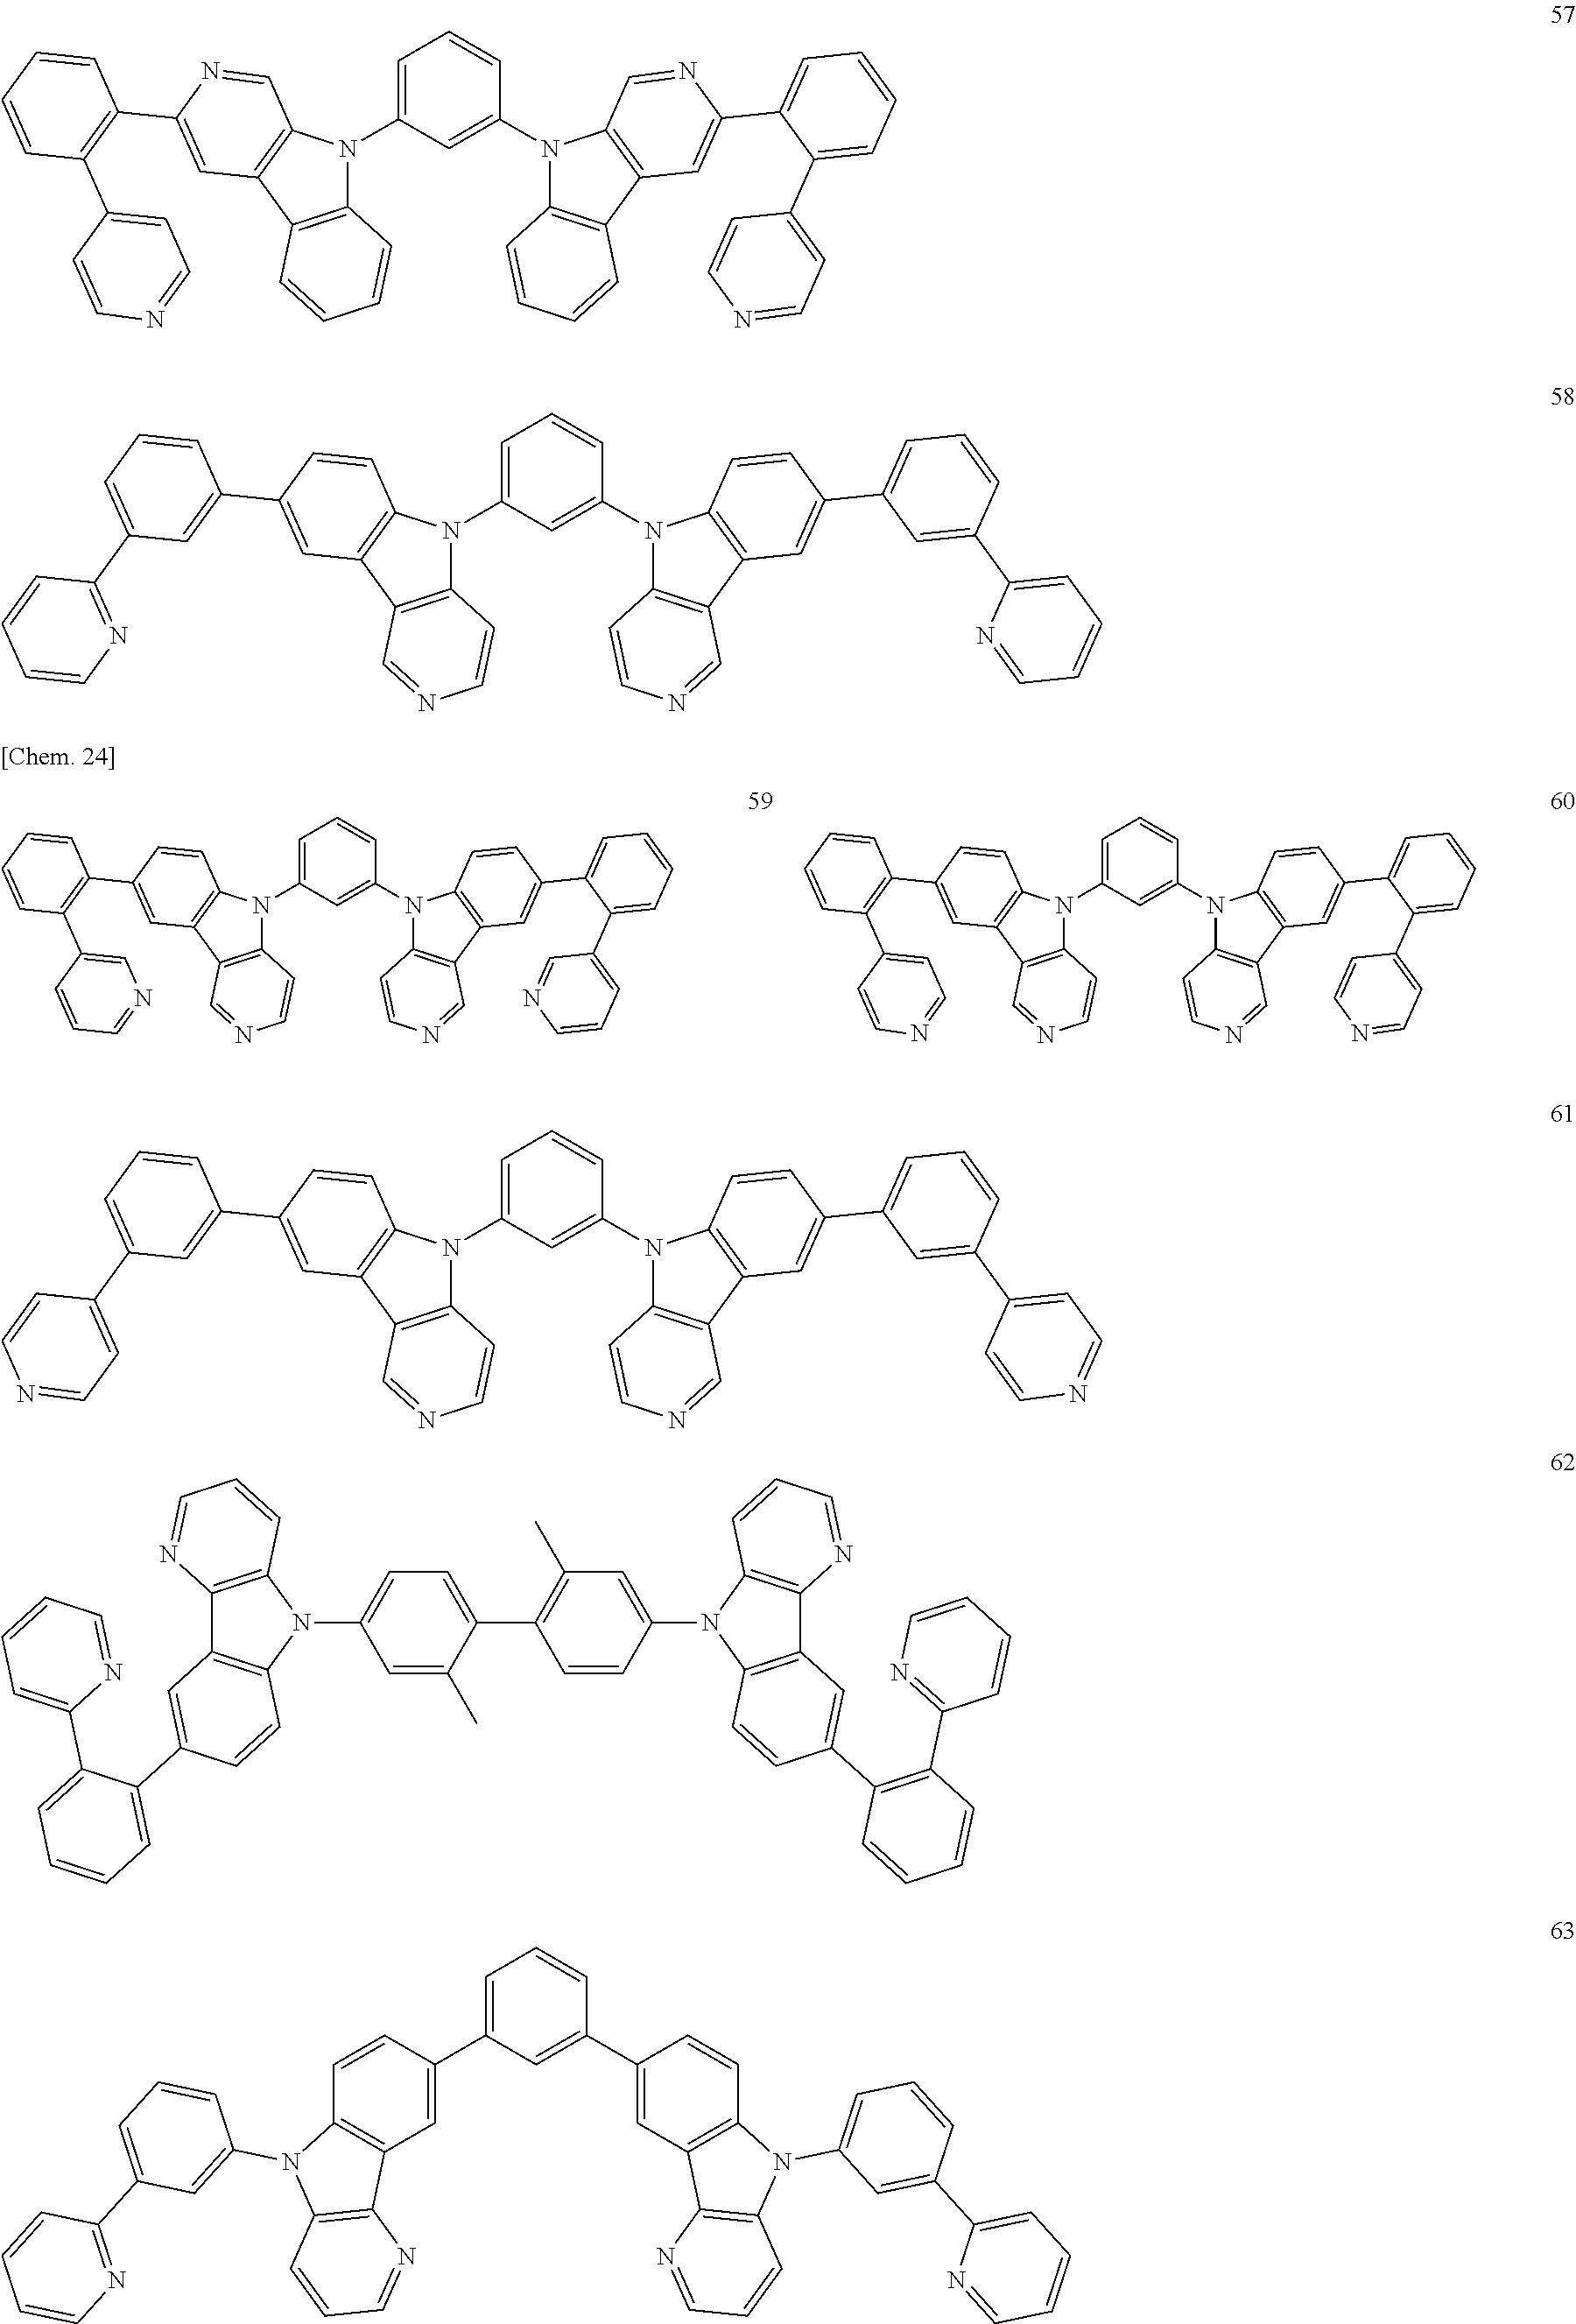 Figure US20150303398A1-20151022-C00024